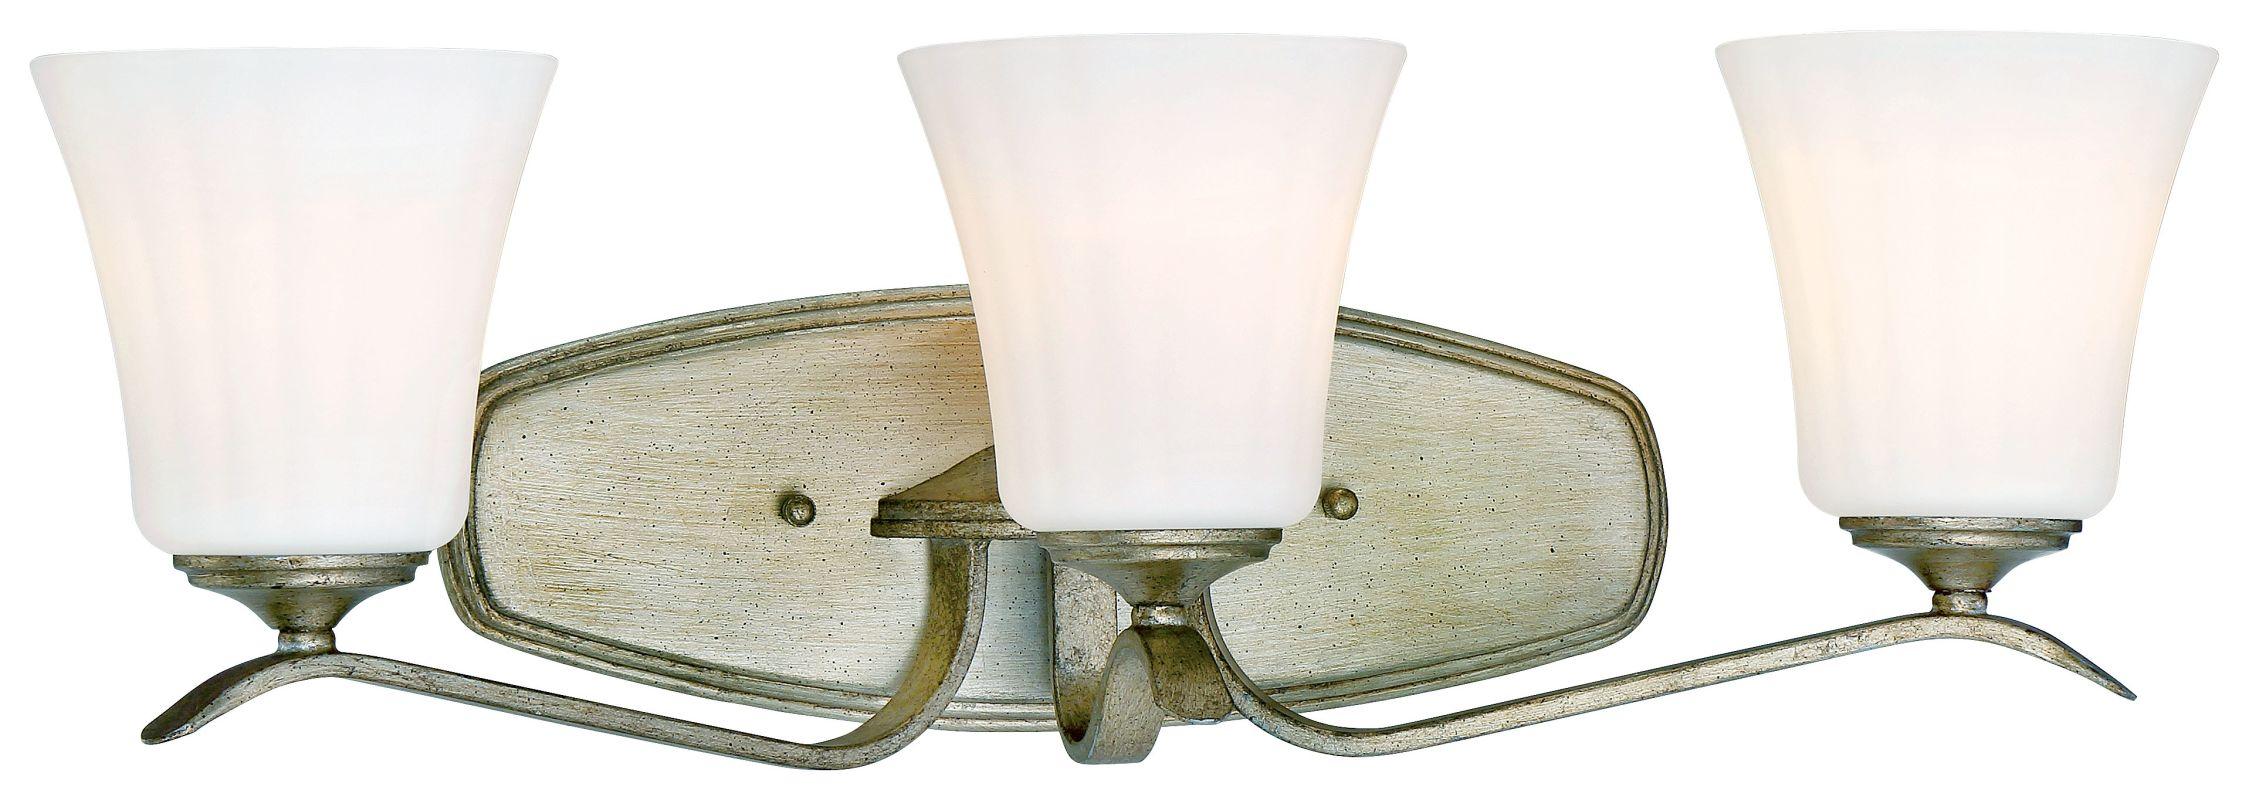 Minka Lavery 3443-582 3 Light Vanity Light from the Laurel Estate